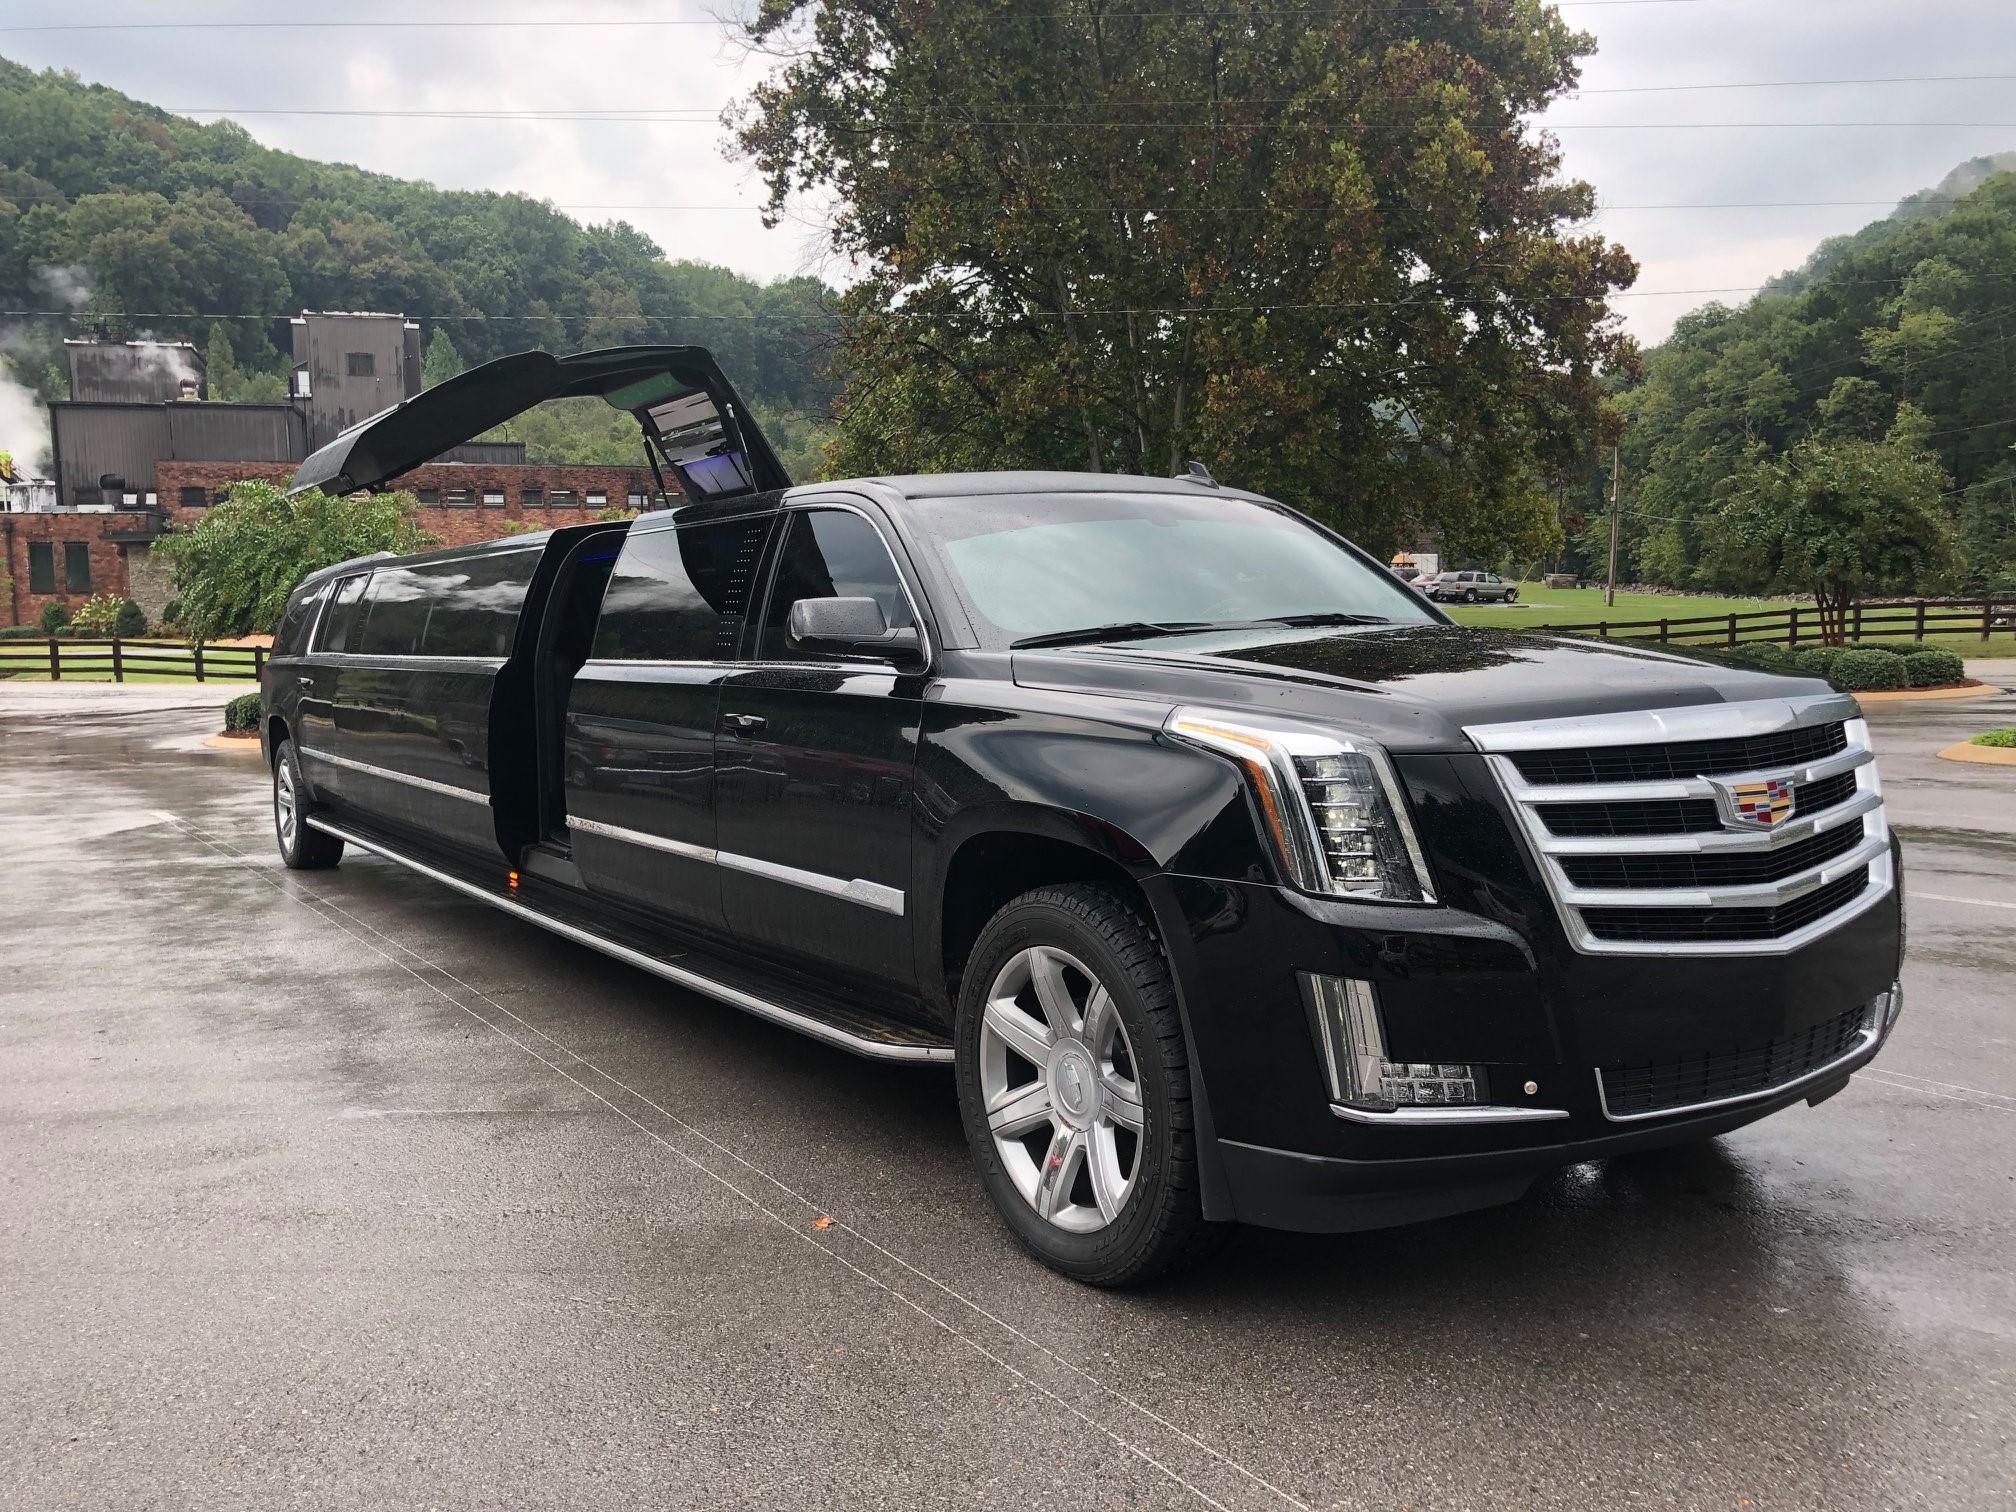 2019 Escalade Limousine10-Nashville-Chauffeur